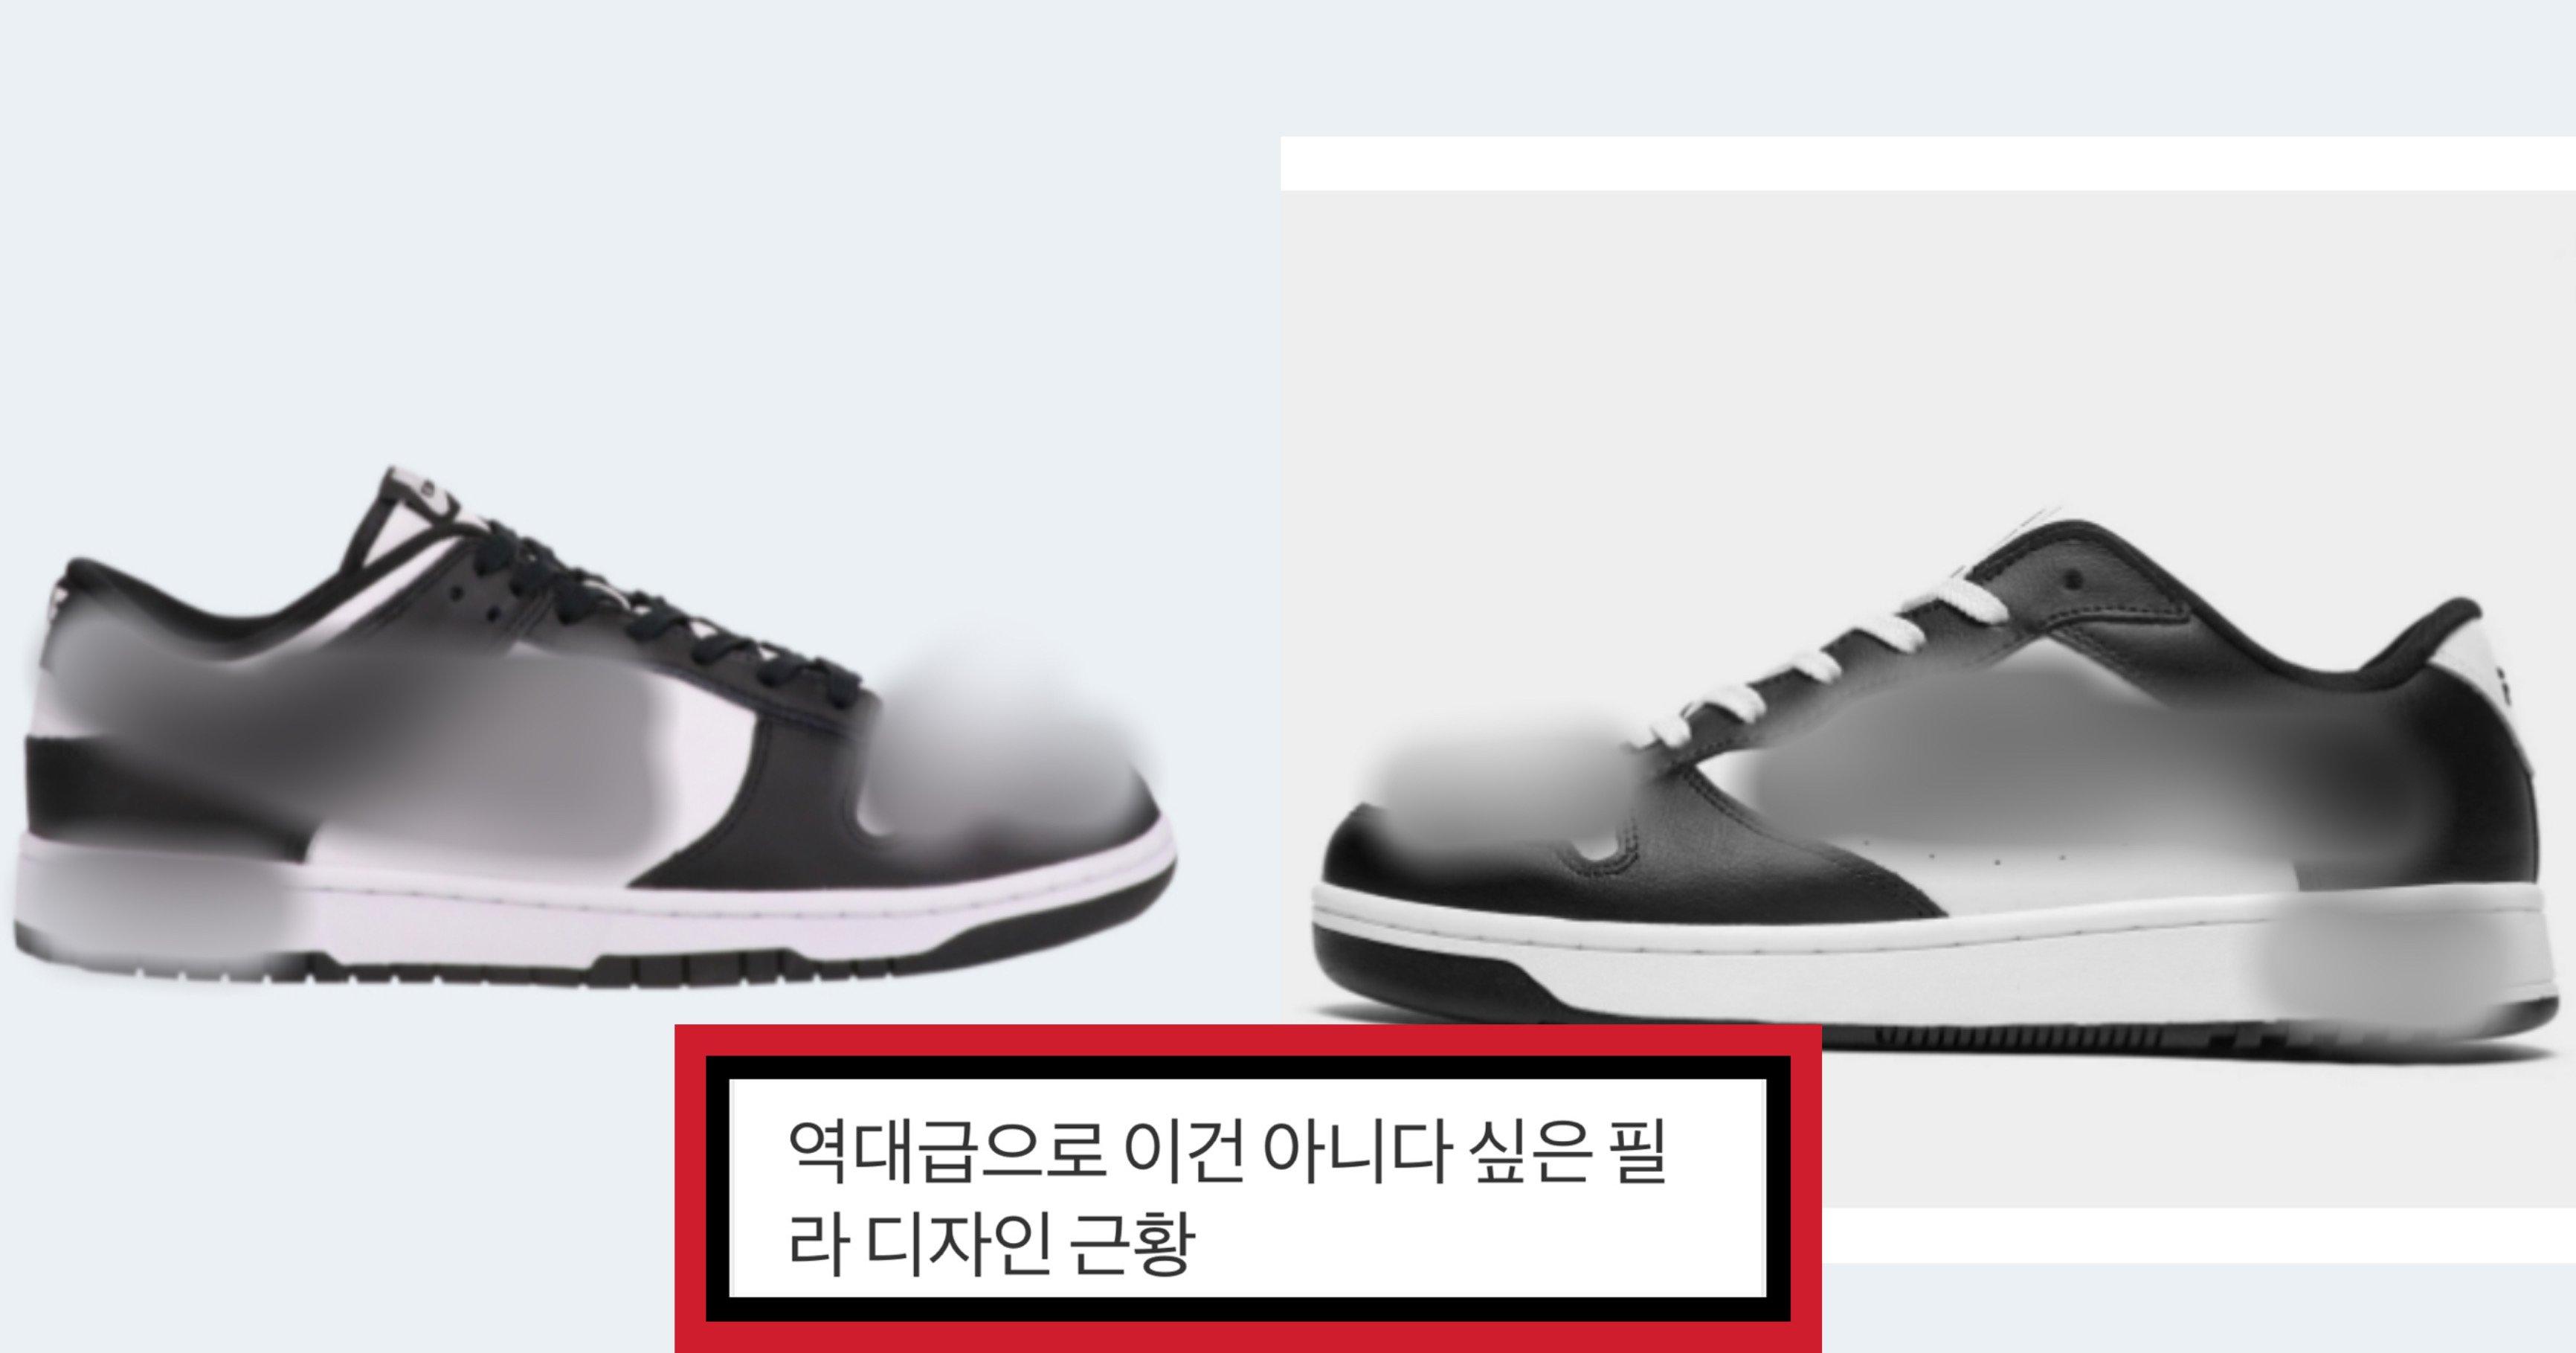 """06e5f93f 2237 496f 8473 571a1b8c18d0.jpeg?resize=412,232 - """"와 이건 걍 똑같잖아""""역대급으로 이건 아니라고 욕먹고 있는 필라 최근 신상 신발 디자인들(+사진)"""